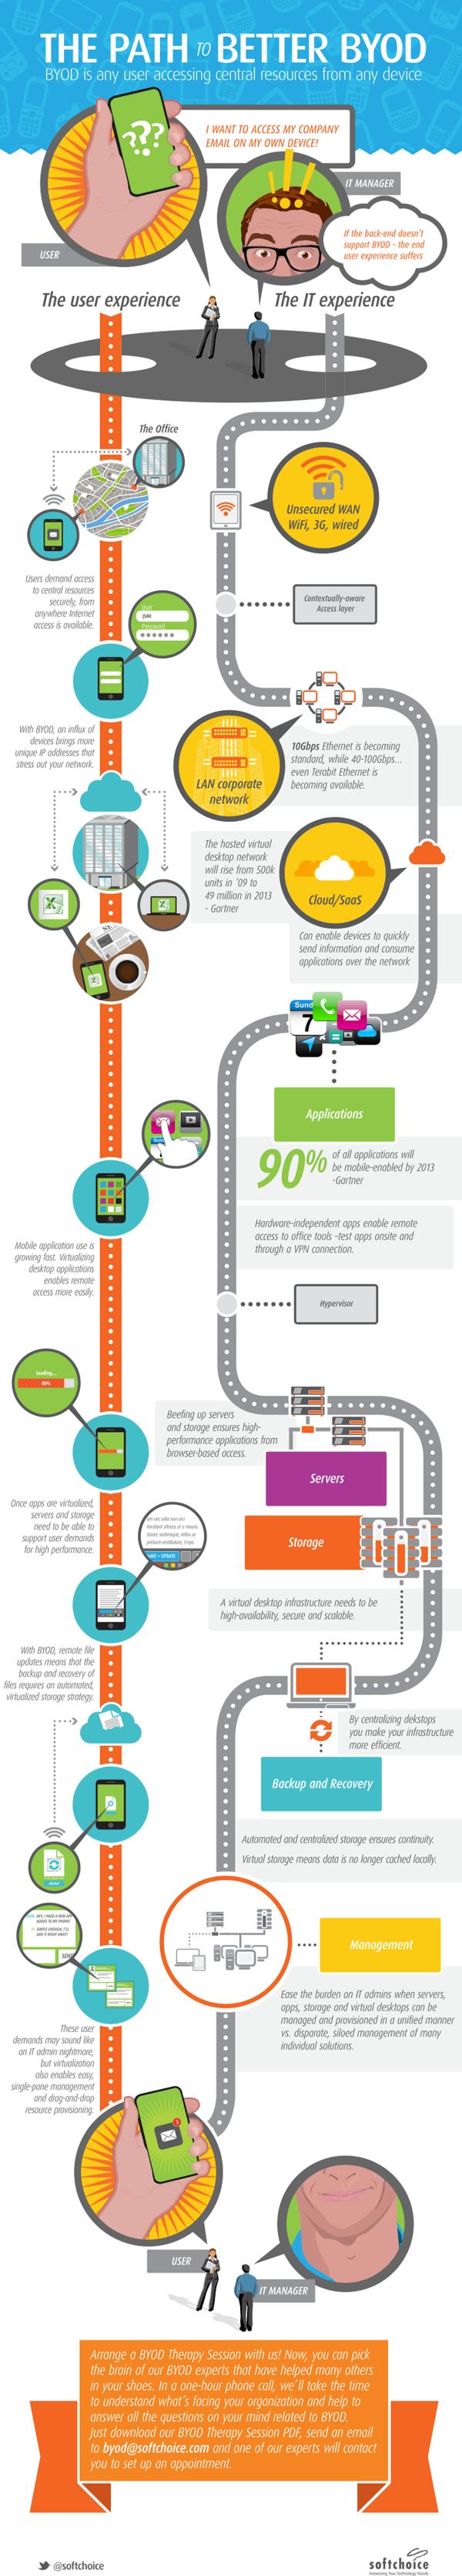 El camino hacia el mejor BYOD